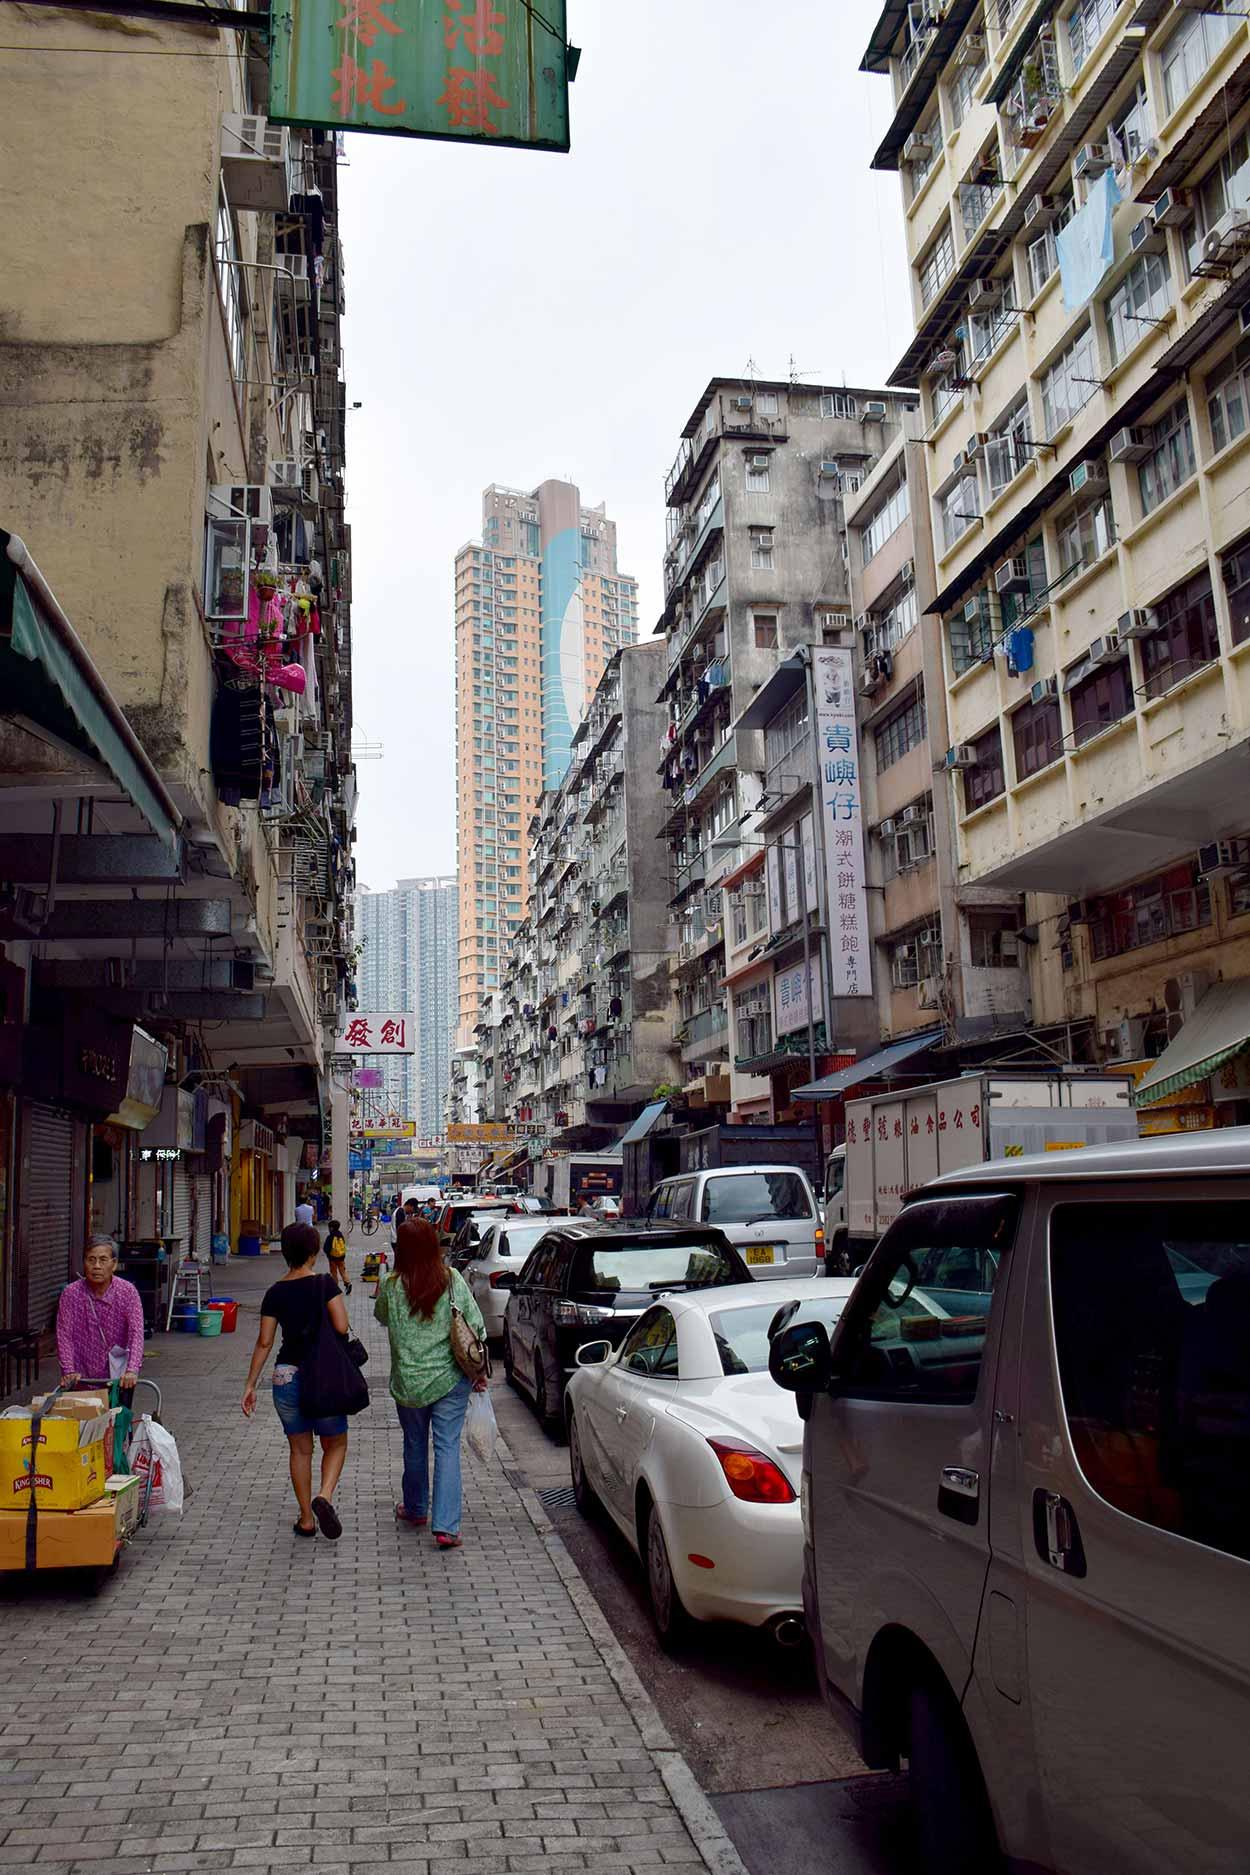 Walking down South Wall St, Kowloon City Food District, Hong Kong, China